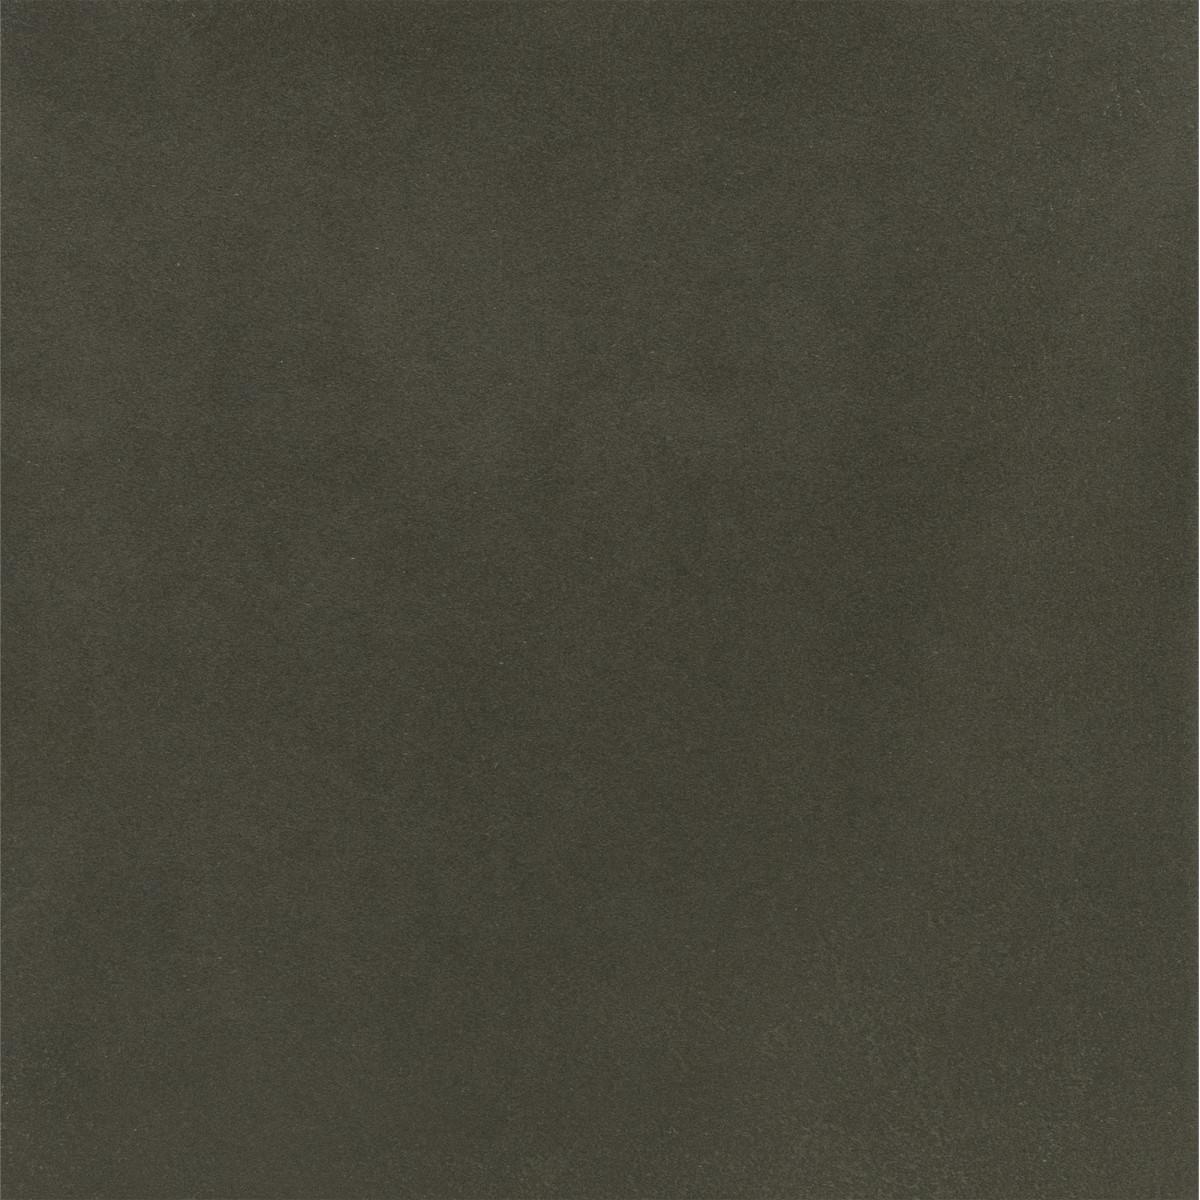 Керамогранит «Marrakesh» 186х186 мм цвет антрацит